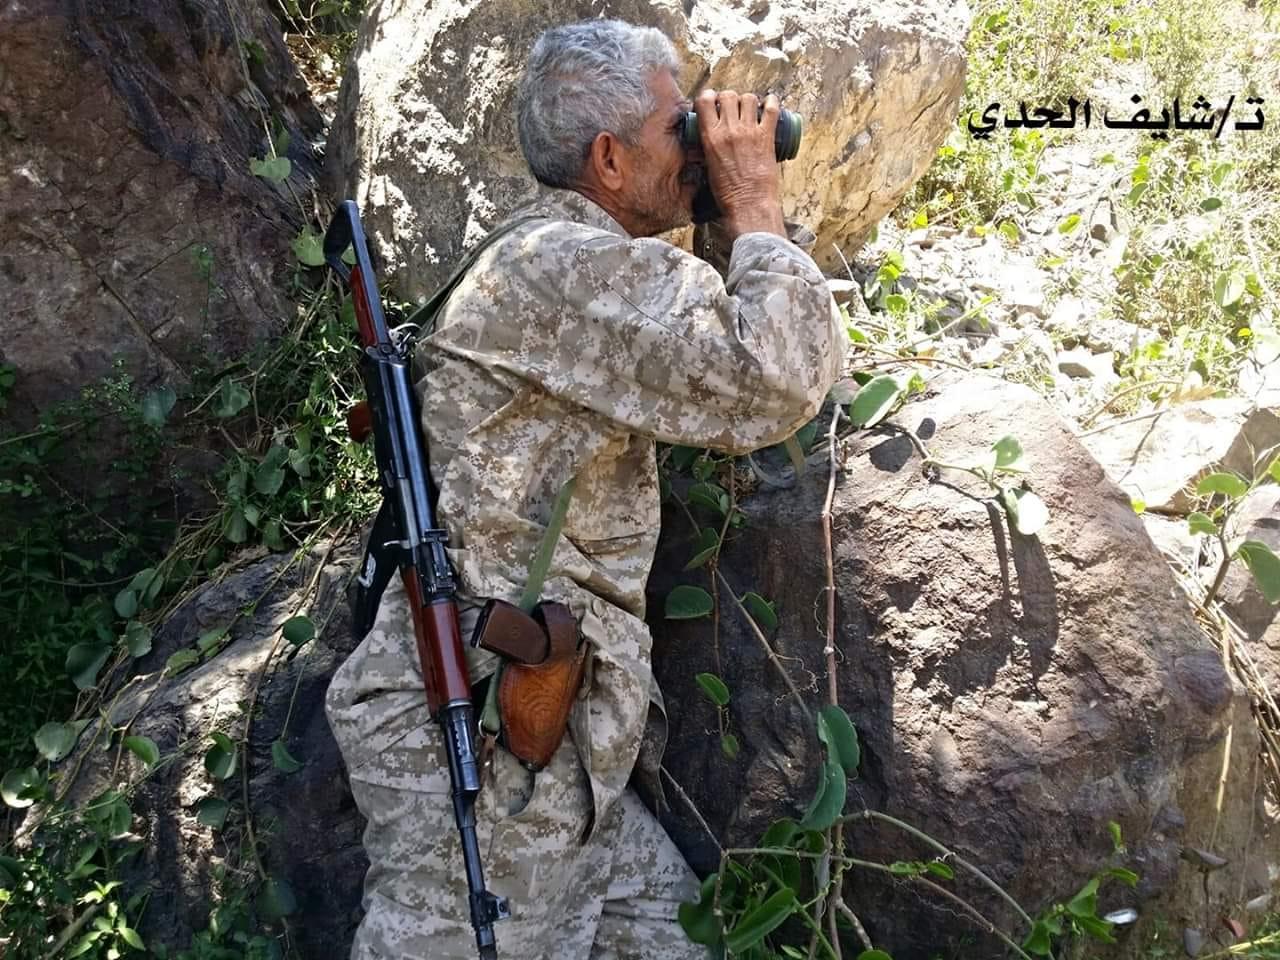 استشهاد قائد عسكري رفيع بمعارك عنيفة شمال الضالع .. من هو ؟